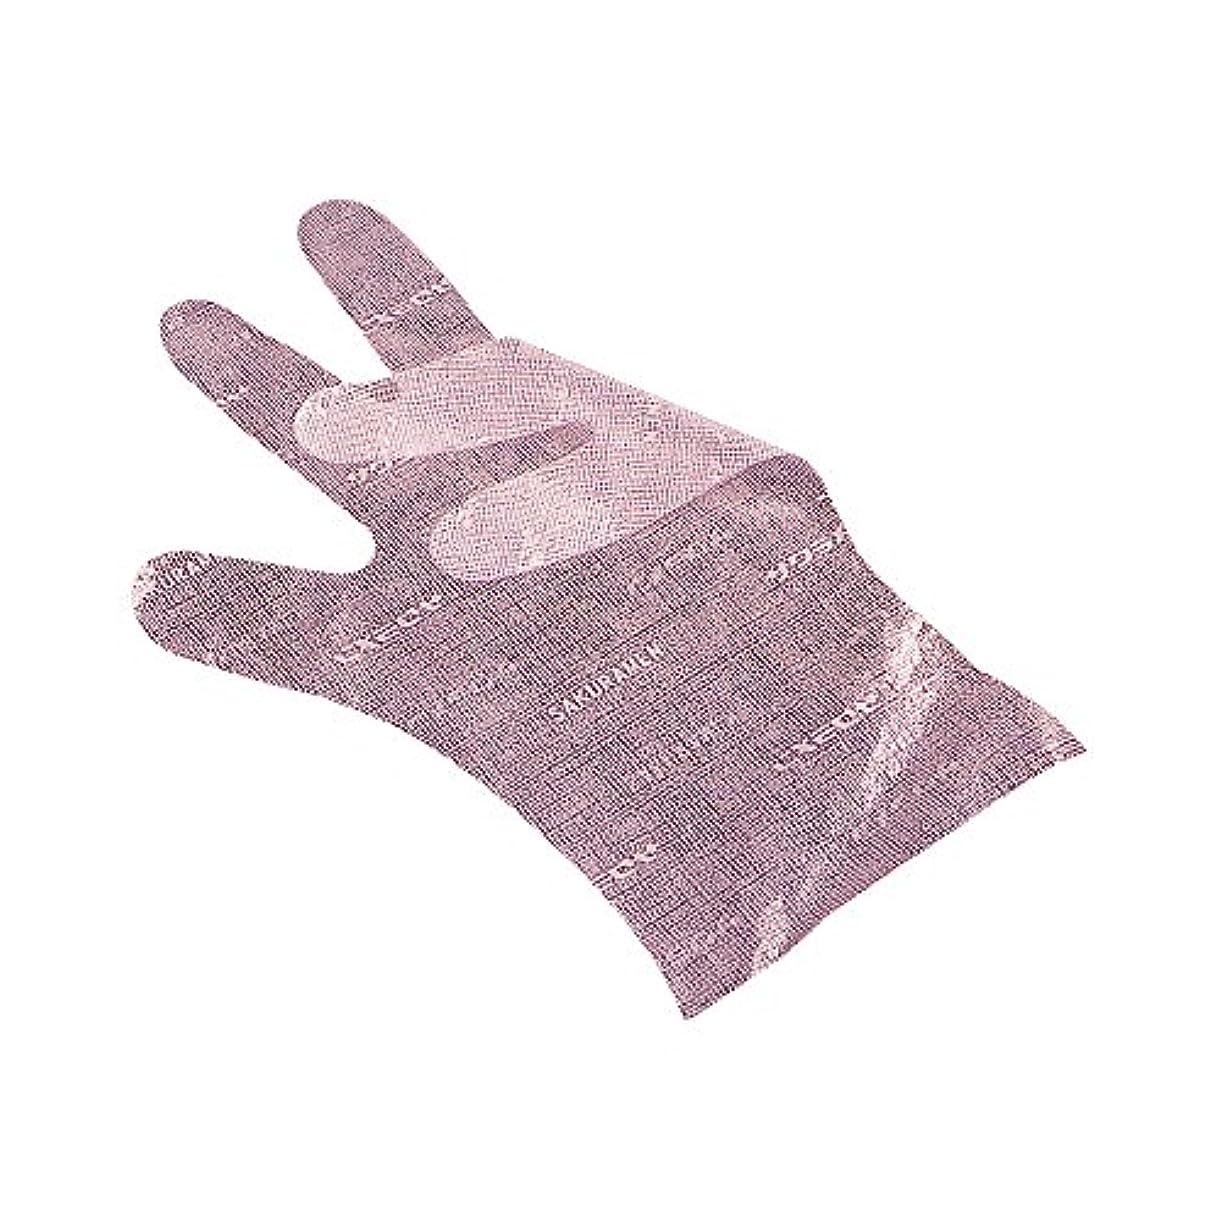 ルーチン時計歪めるサクラメンエンボス手袋 デラックス ピンク S 100枚入